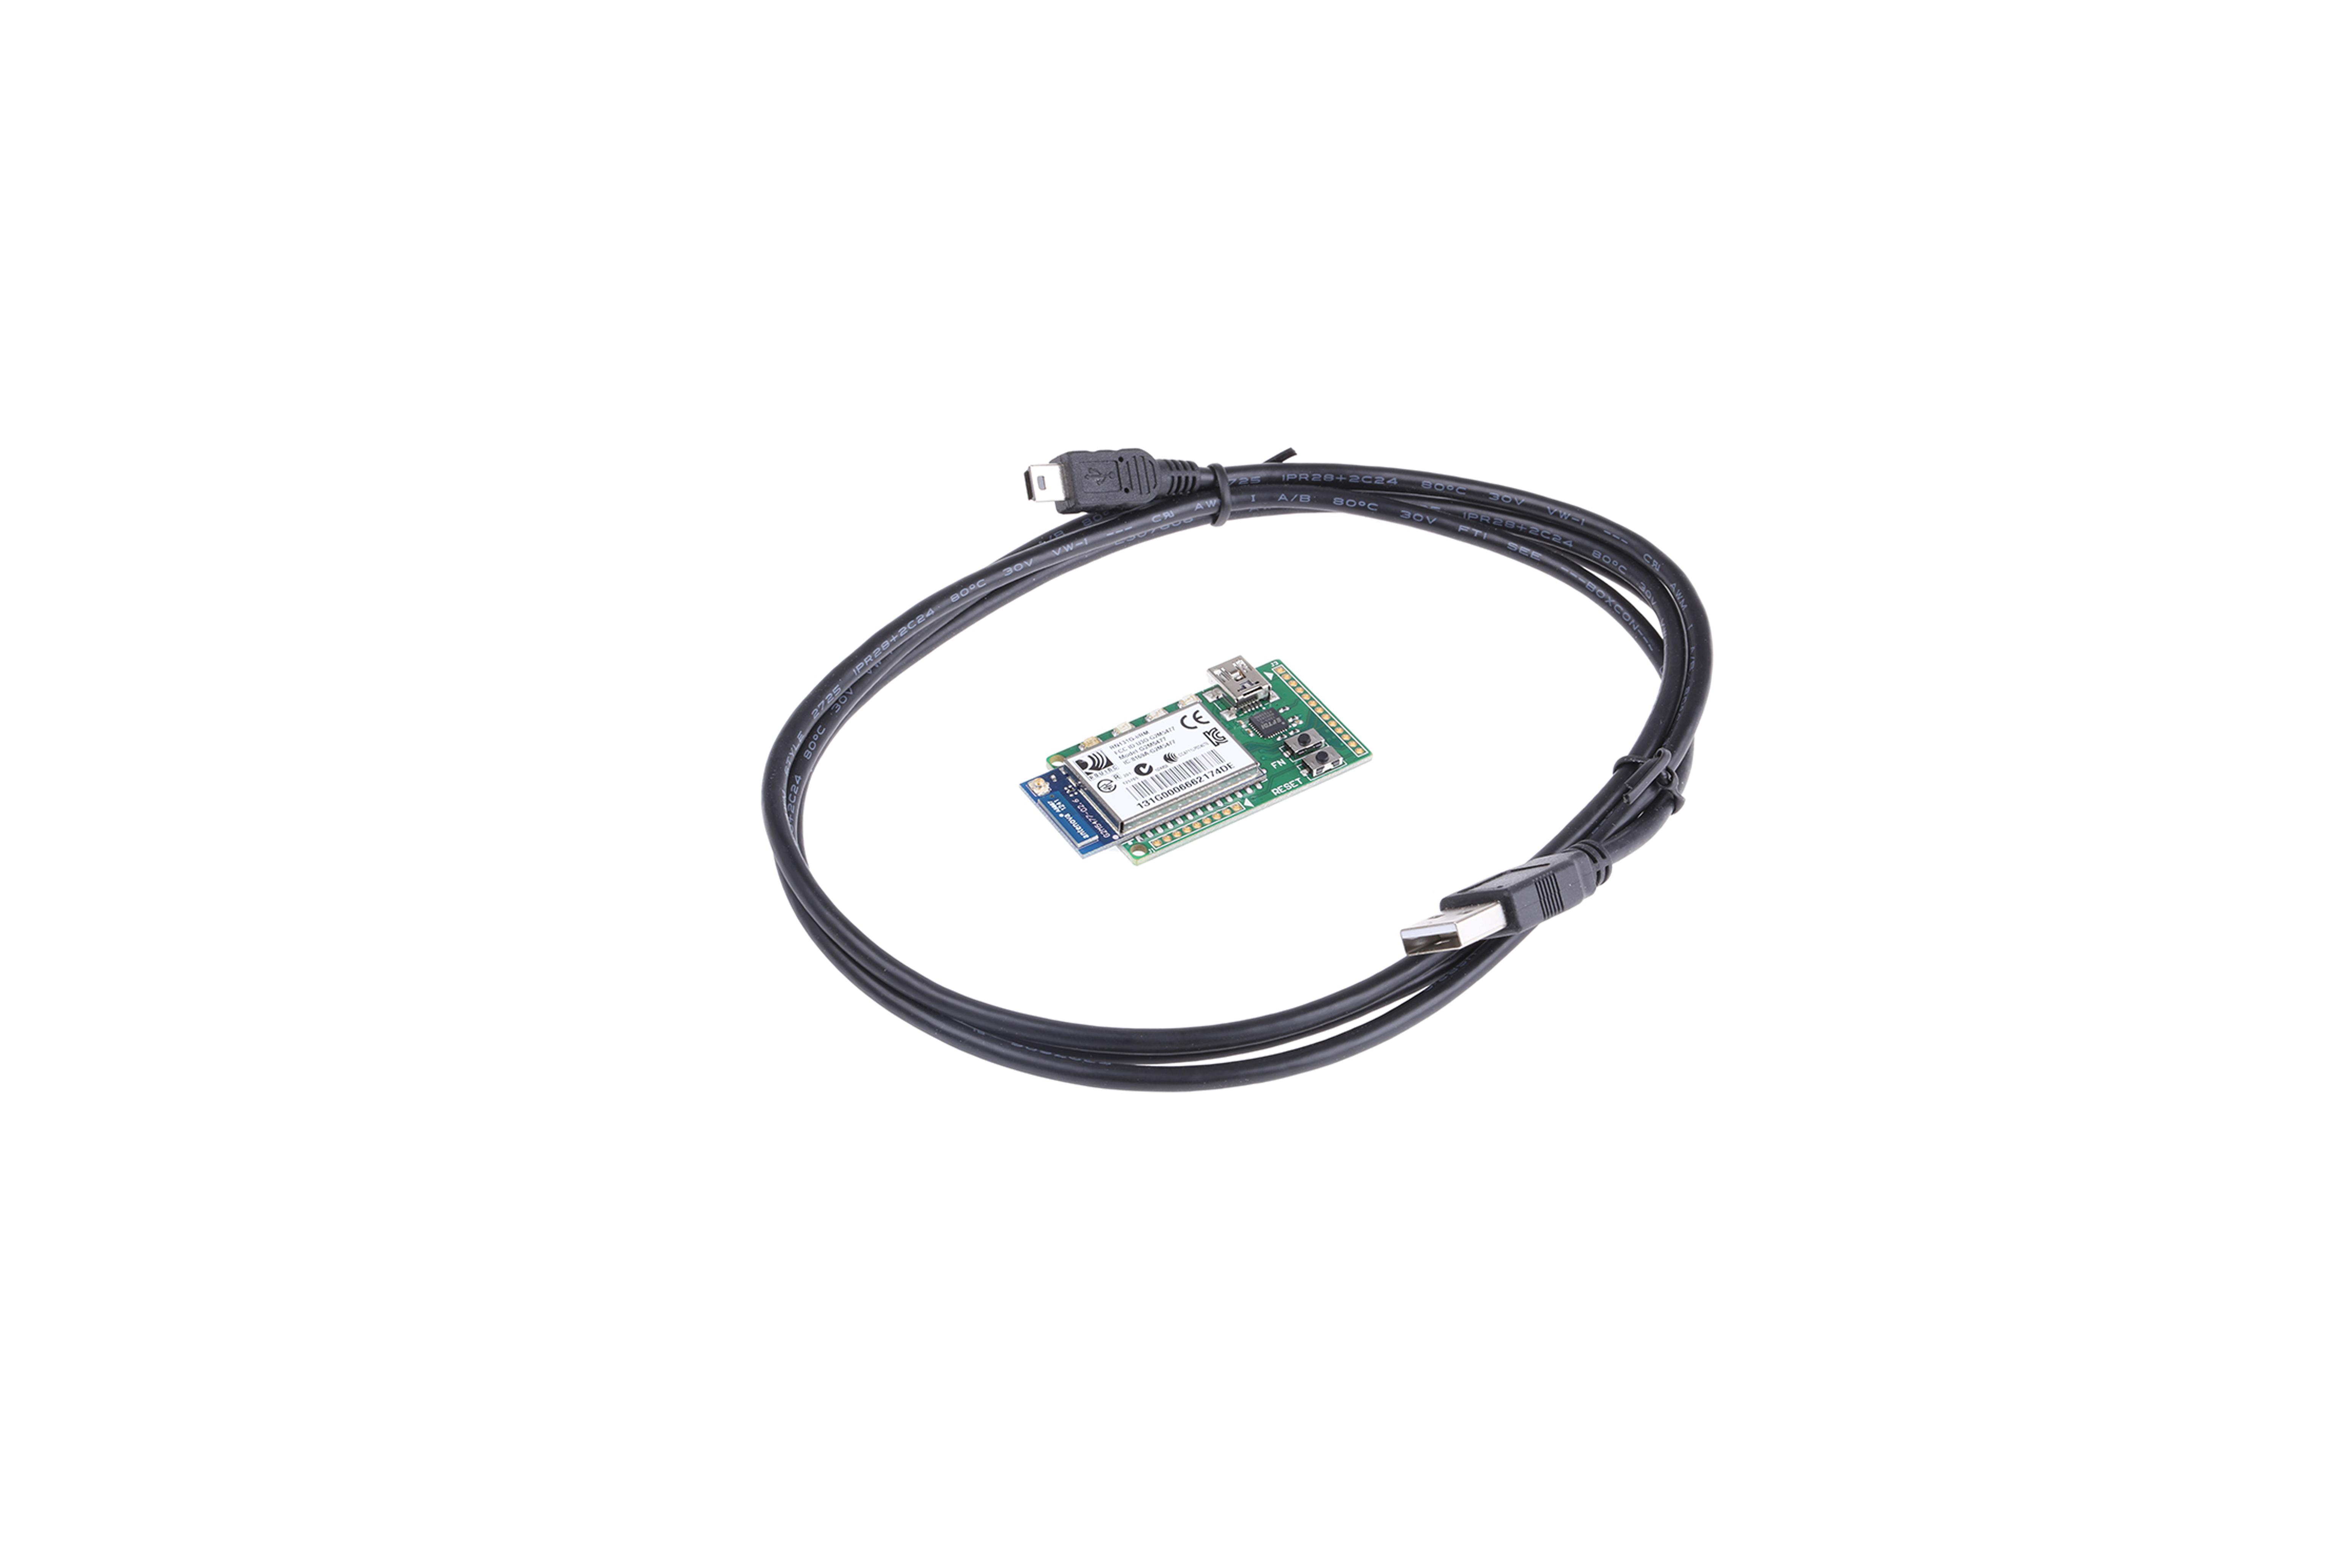 RN131 WI-FI-MODUL USB-EVALUIERUNGSKIT